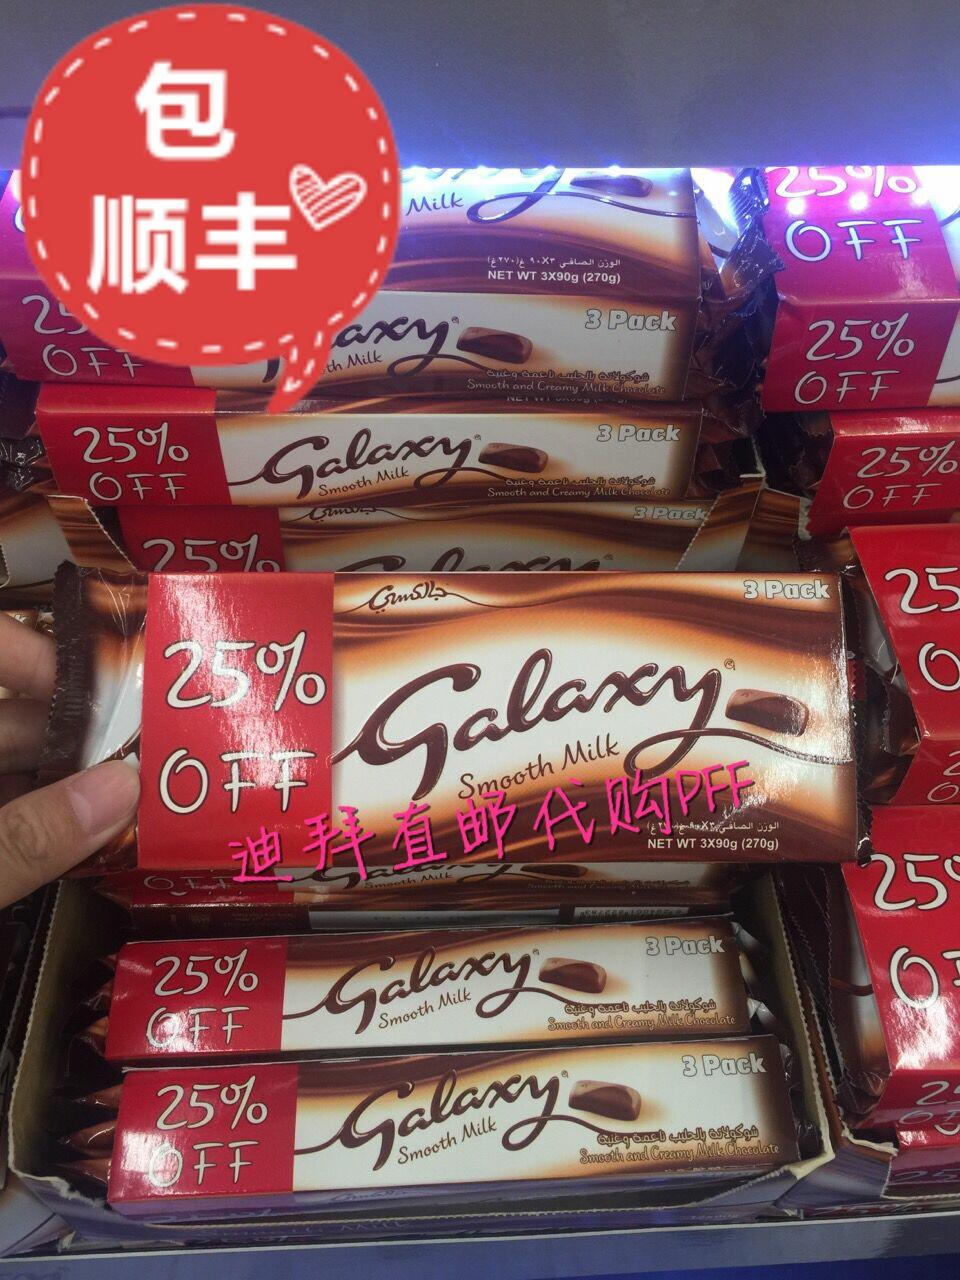 Galaxy佳尔喜 丝滑香醇牛奶巧克力  3x90克=270克 现货 迪拜代购